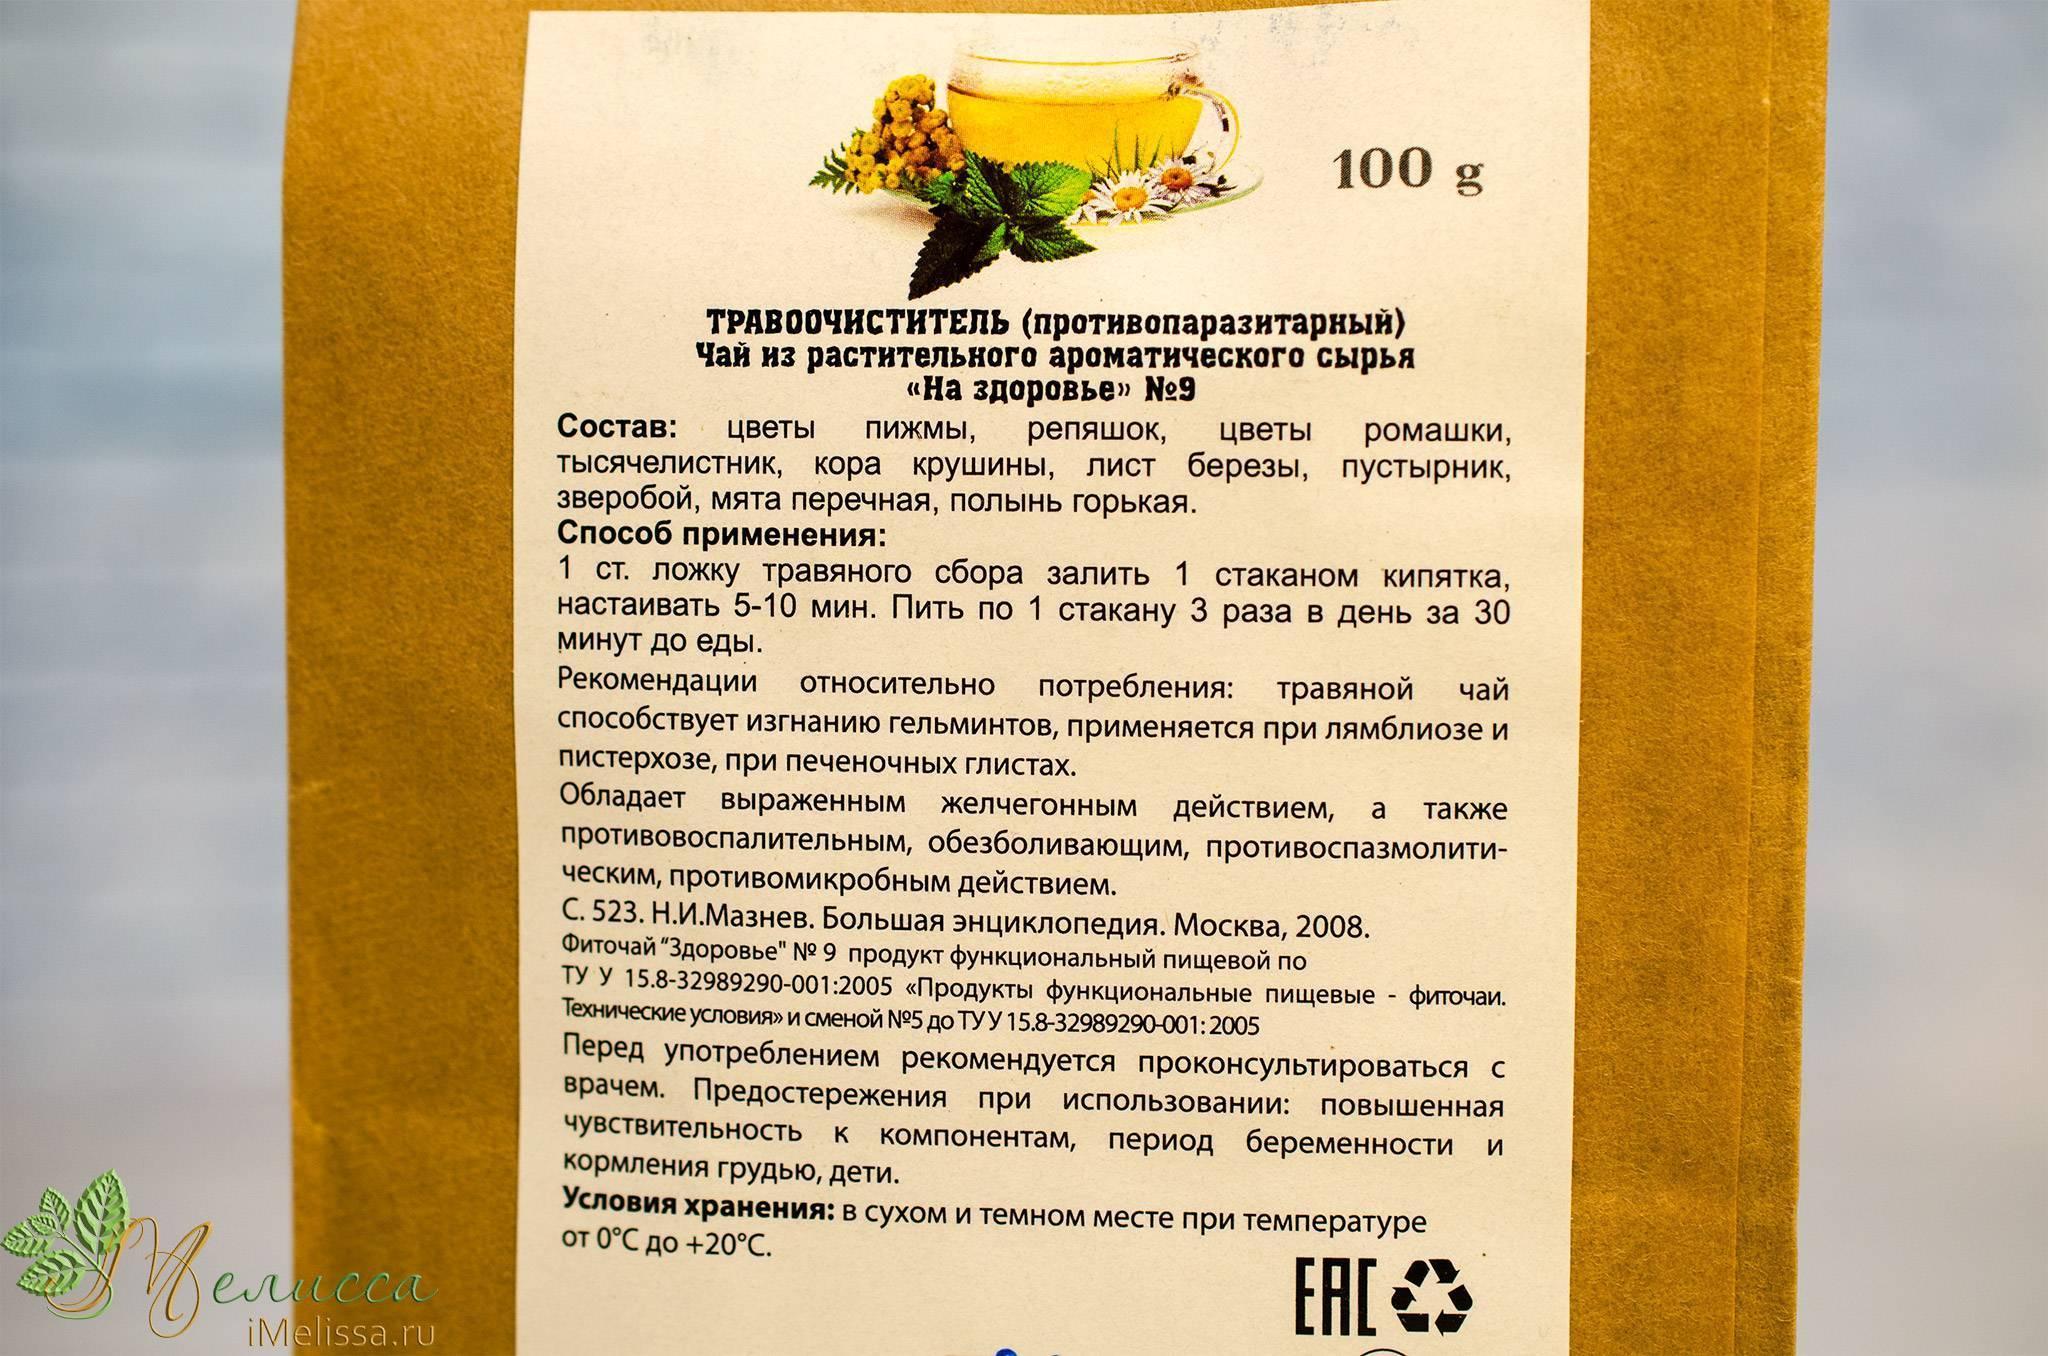 Применение травы расторопши для похудения: полезные свойства, отзывы похудевших